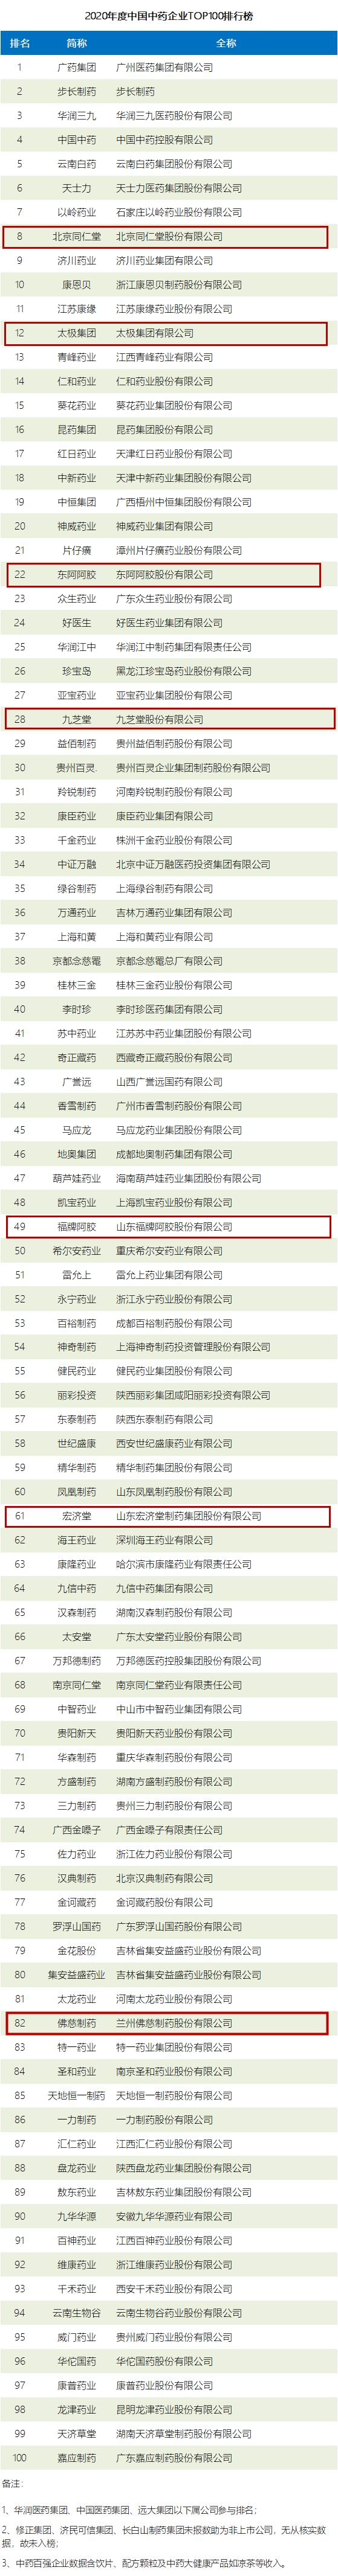 东阿阿胶、福牌阿胶等7家涉胶类中药企业荣登2020年度中国中药企业TOP100